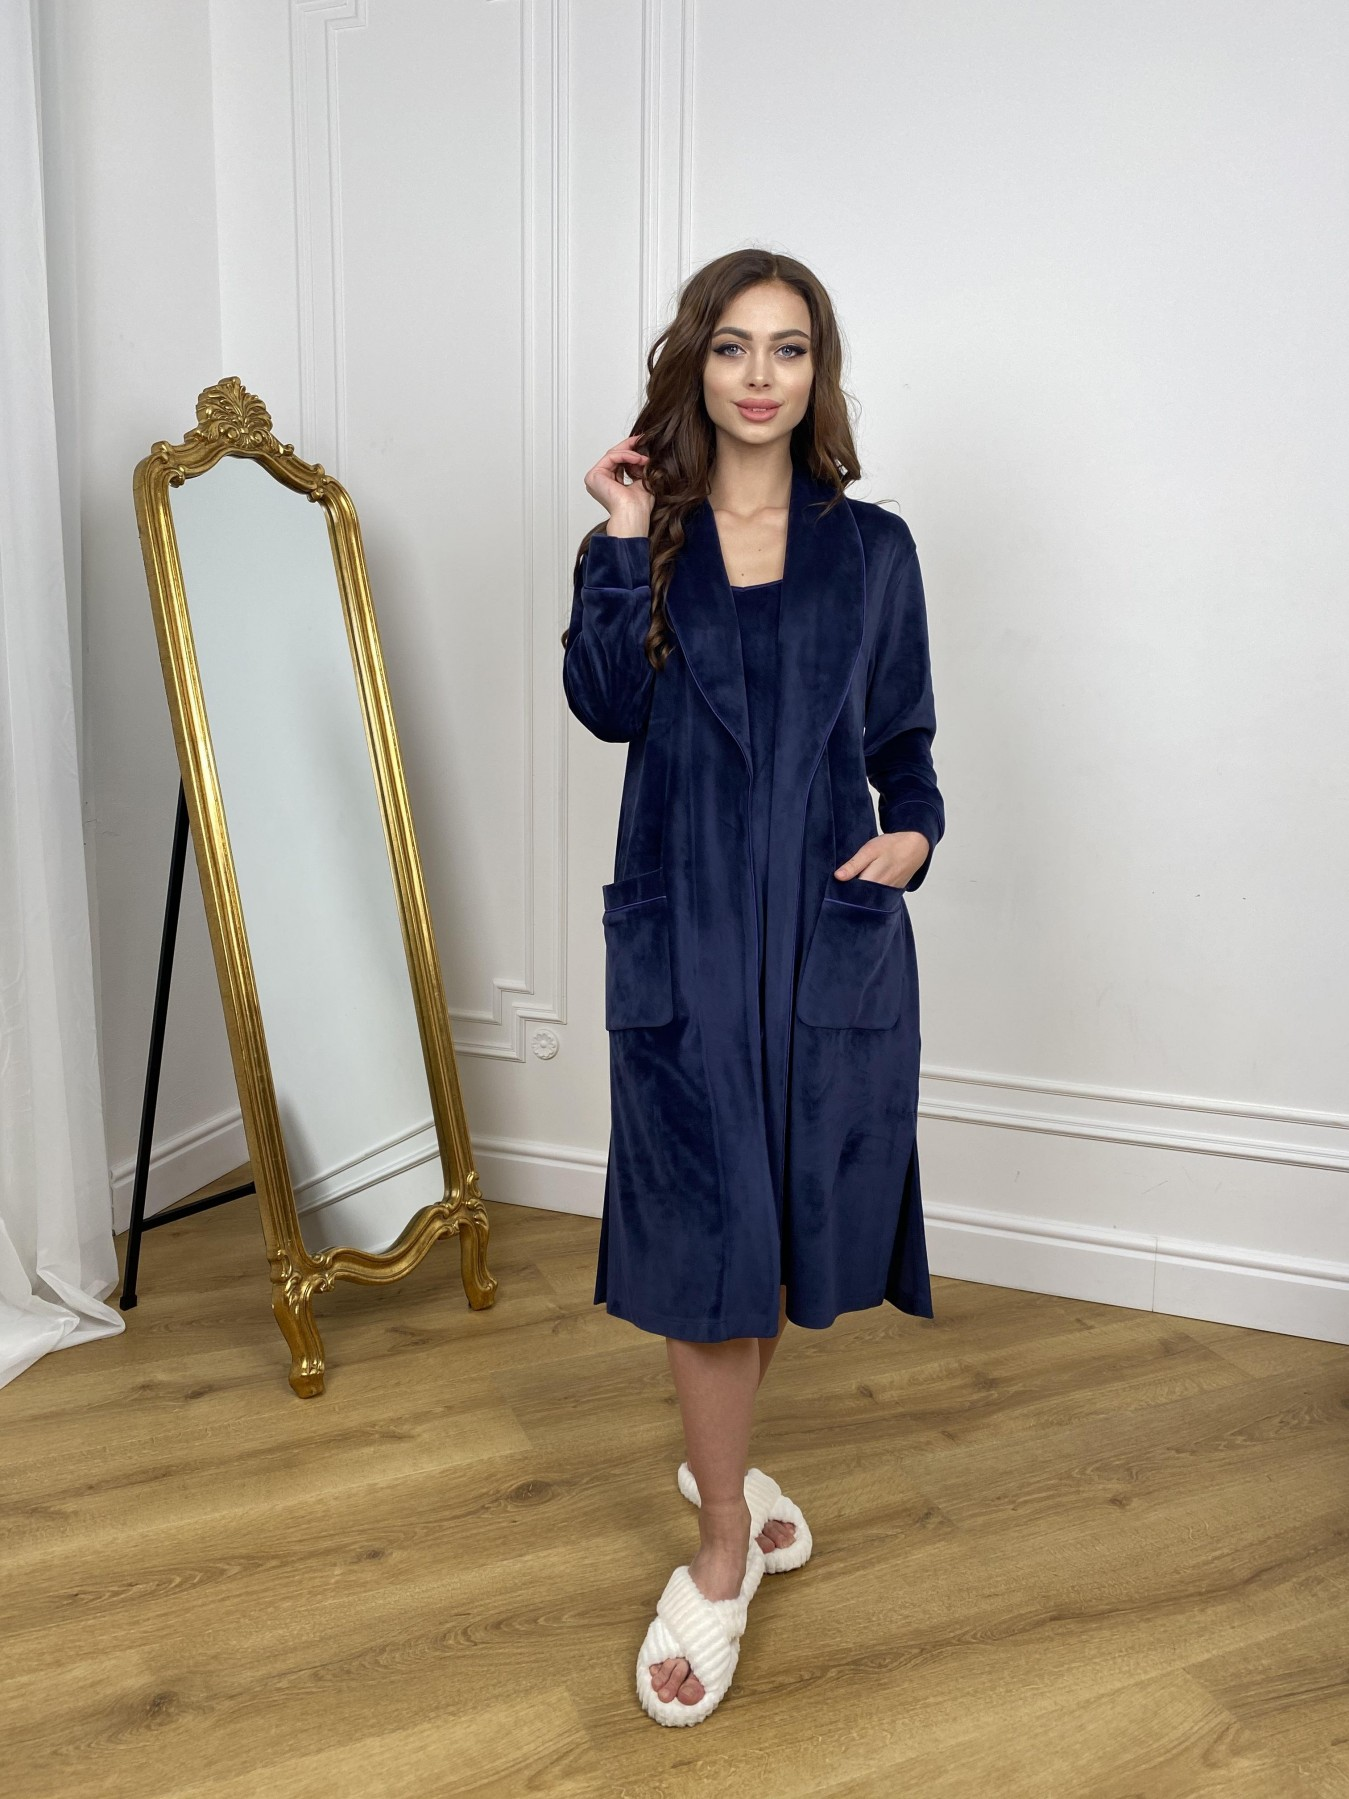 Сандрин миди халат из велюровой ткани 10510 АРТ. 46849 Цвет: т. синий - фото 4, интернет магазин tm-modus.ru